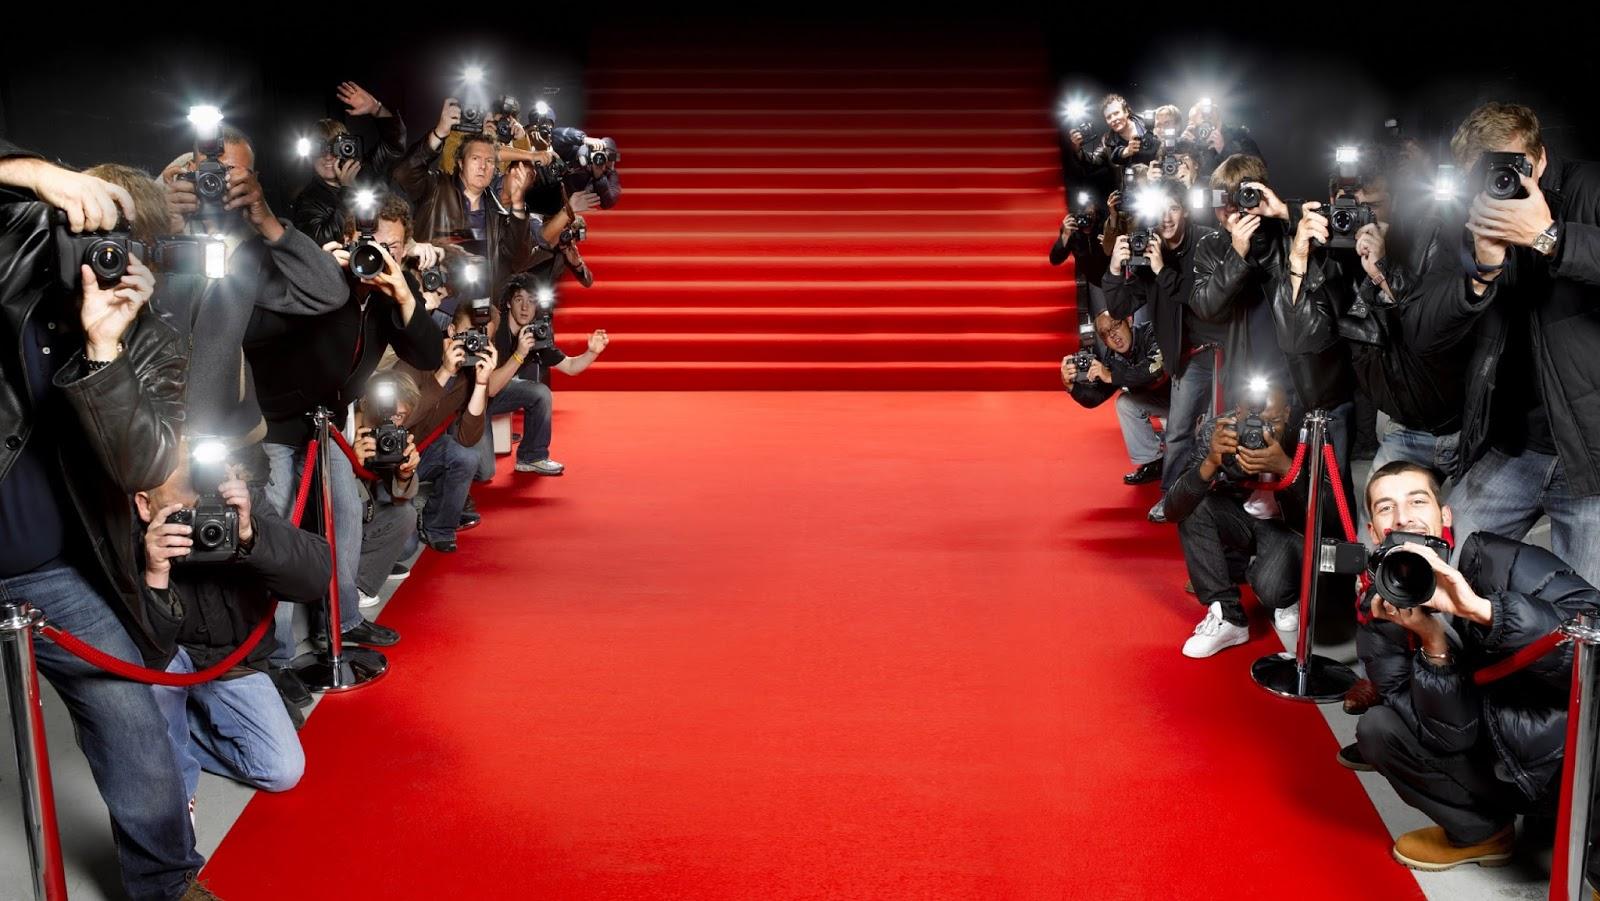 صوره كيف تصبح مشهور , ماذا افعل لاكون مشهورا